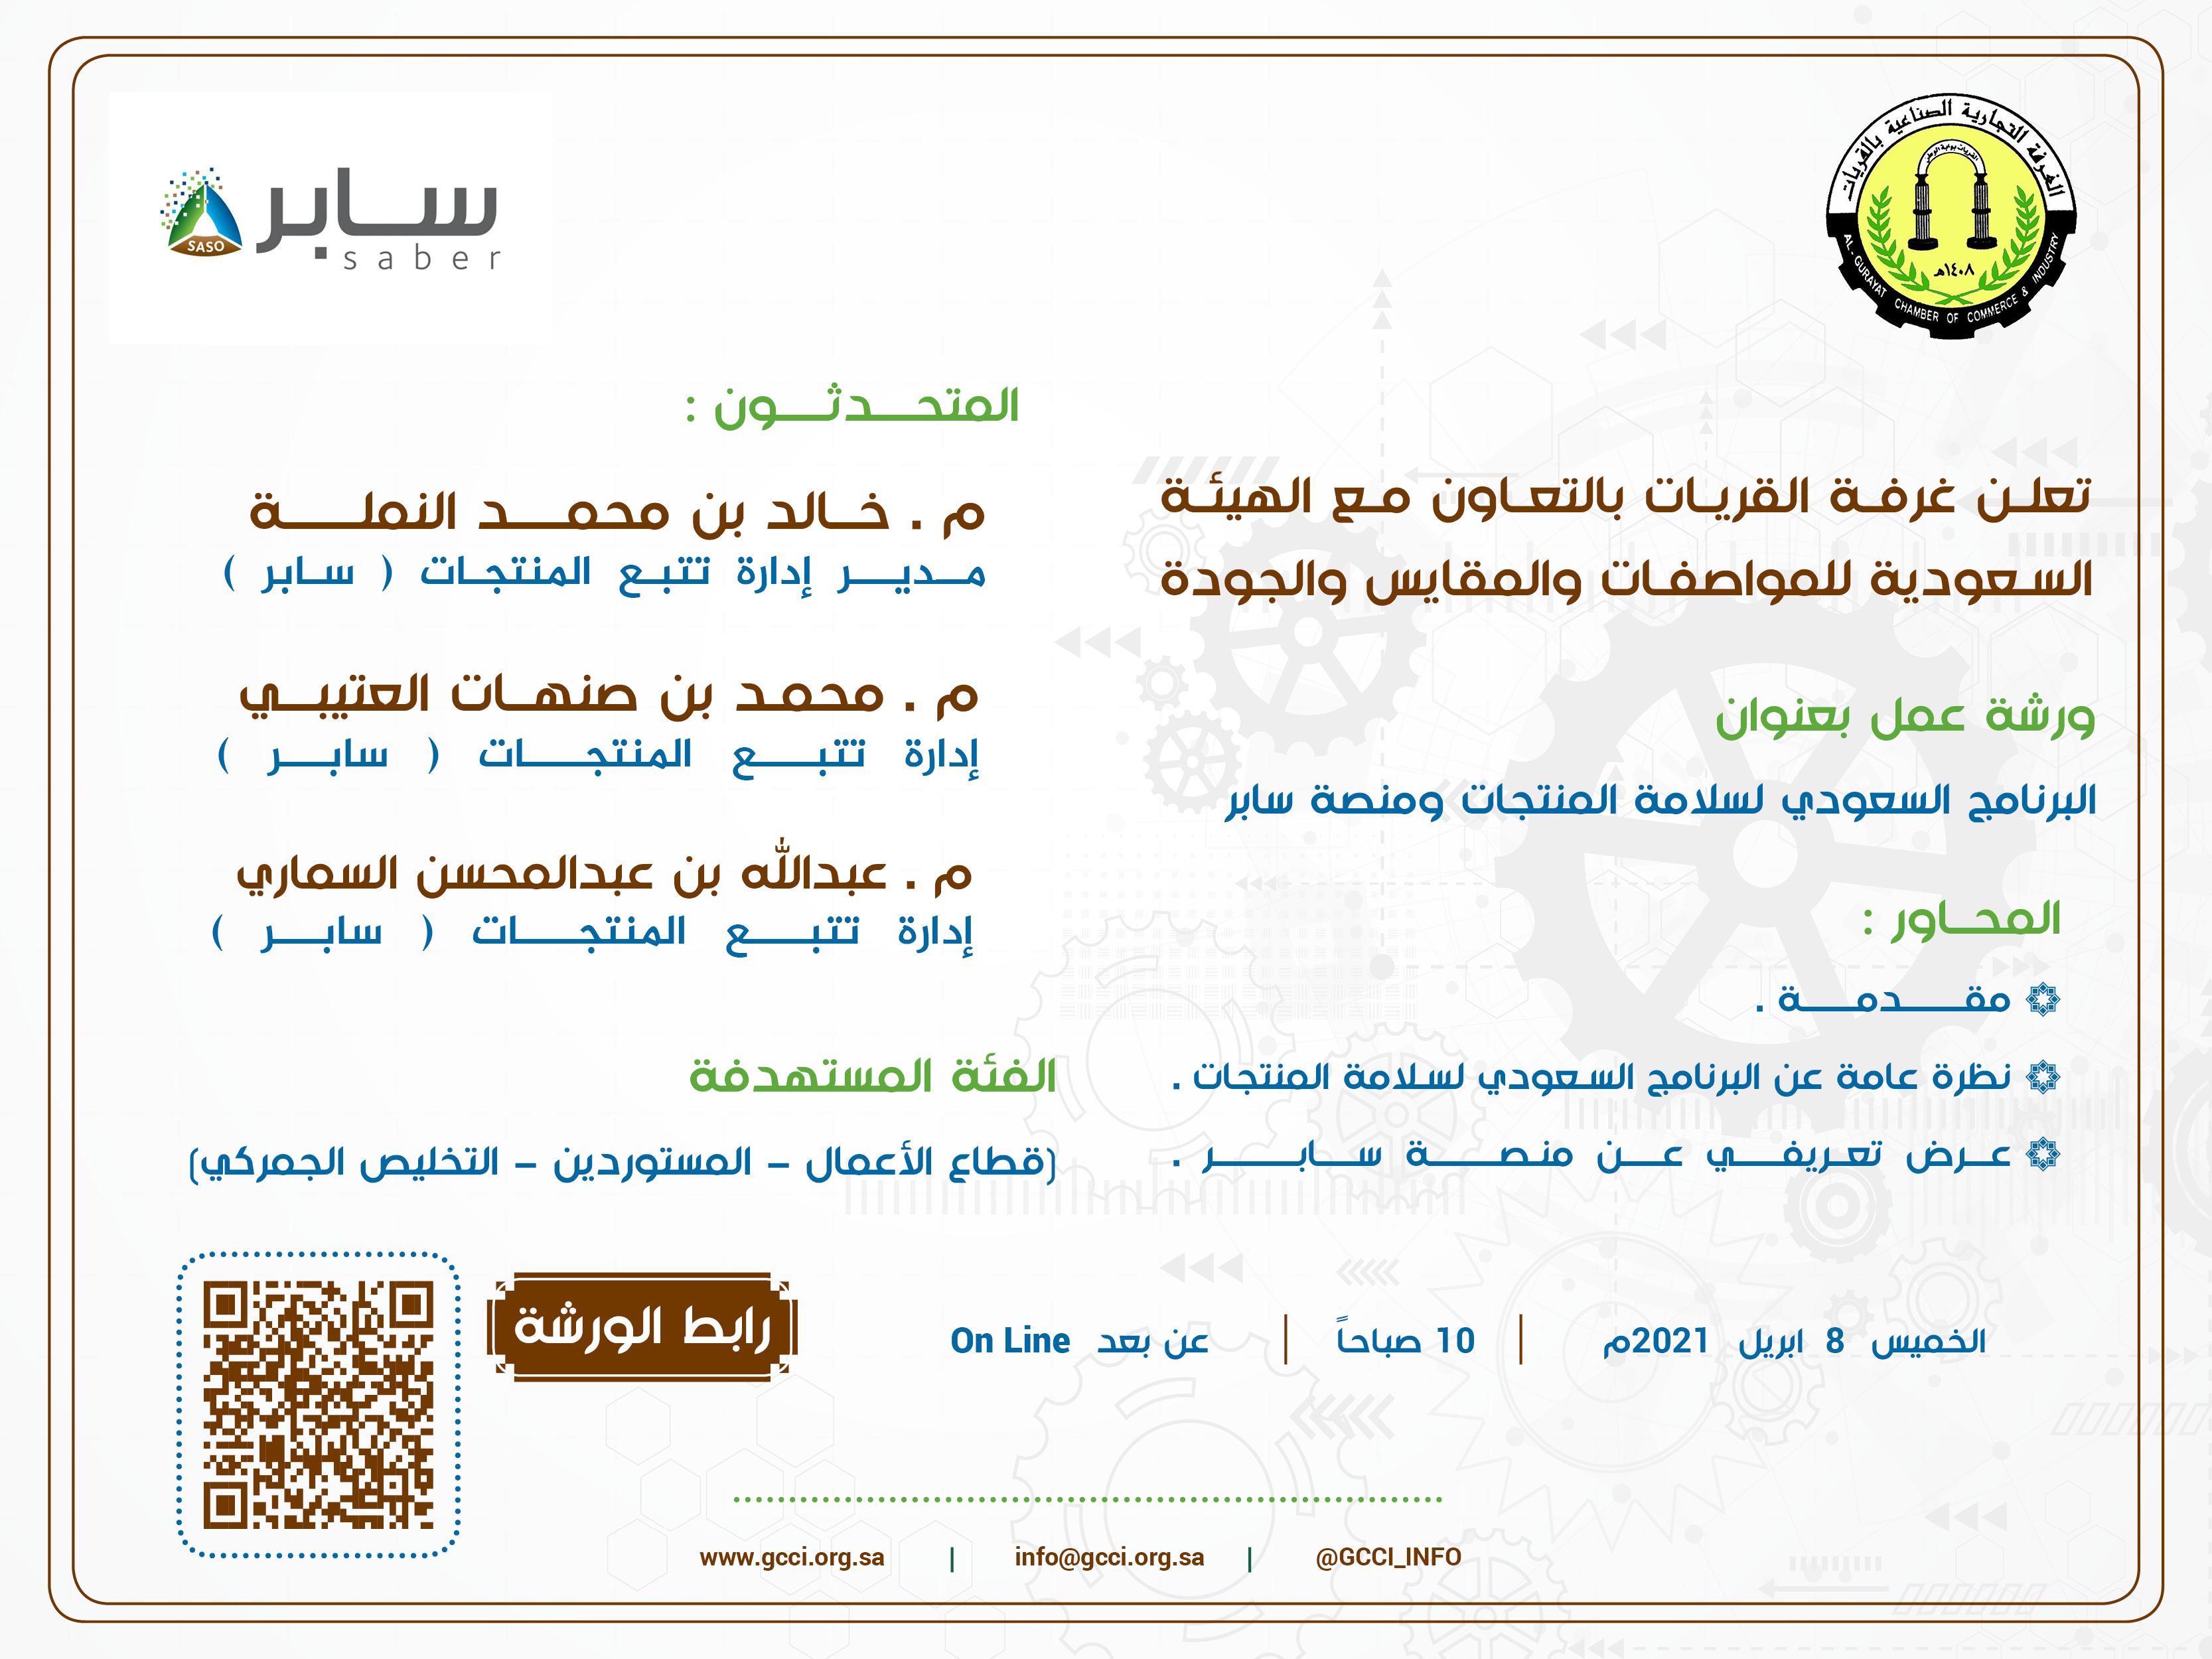 (AR) ورشة عمل : البرنامج السعودي لسلامة المنتجات ومنصة سابر